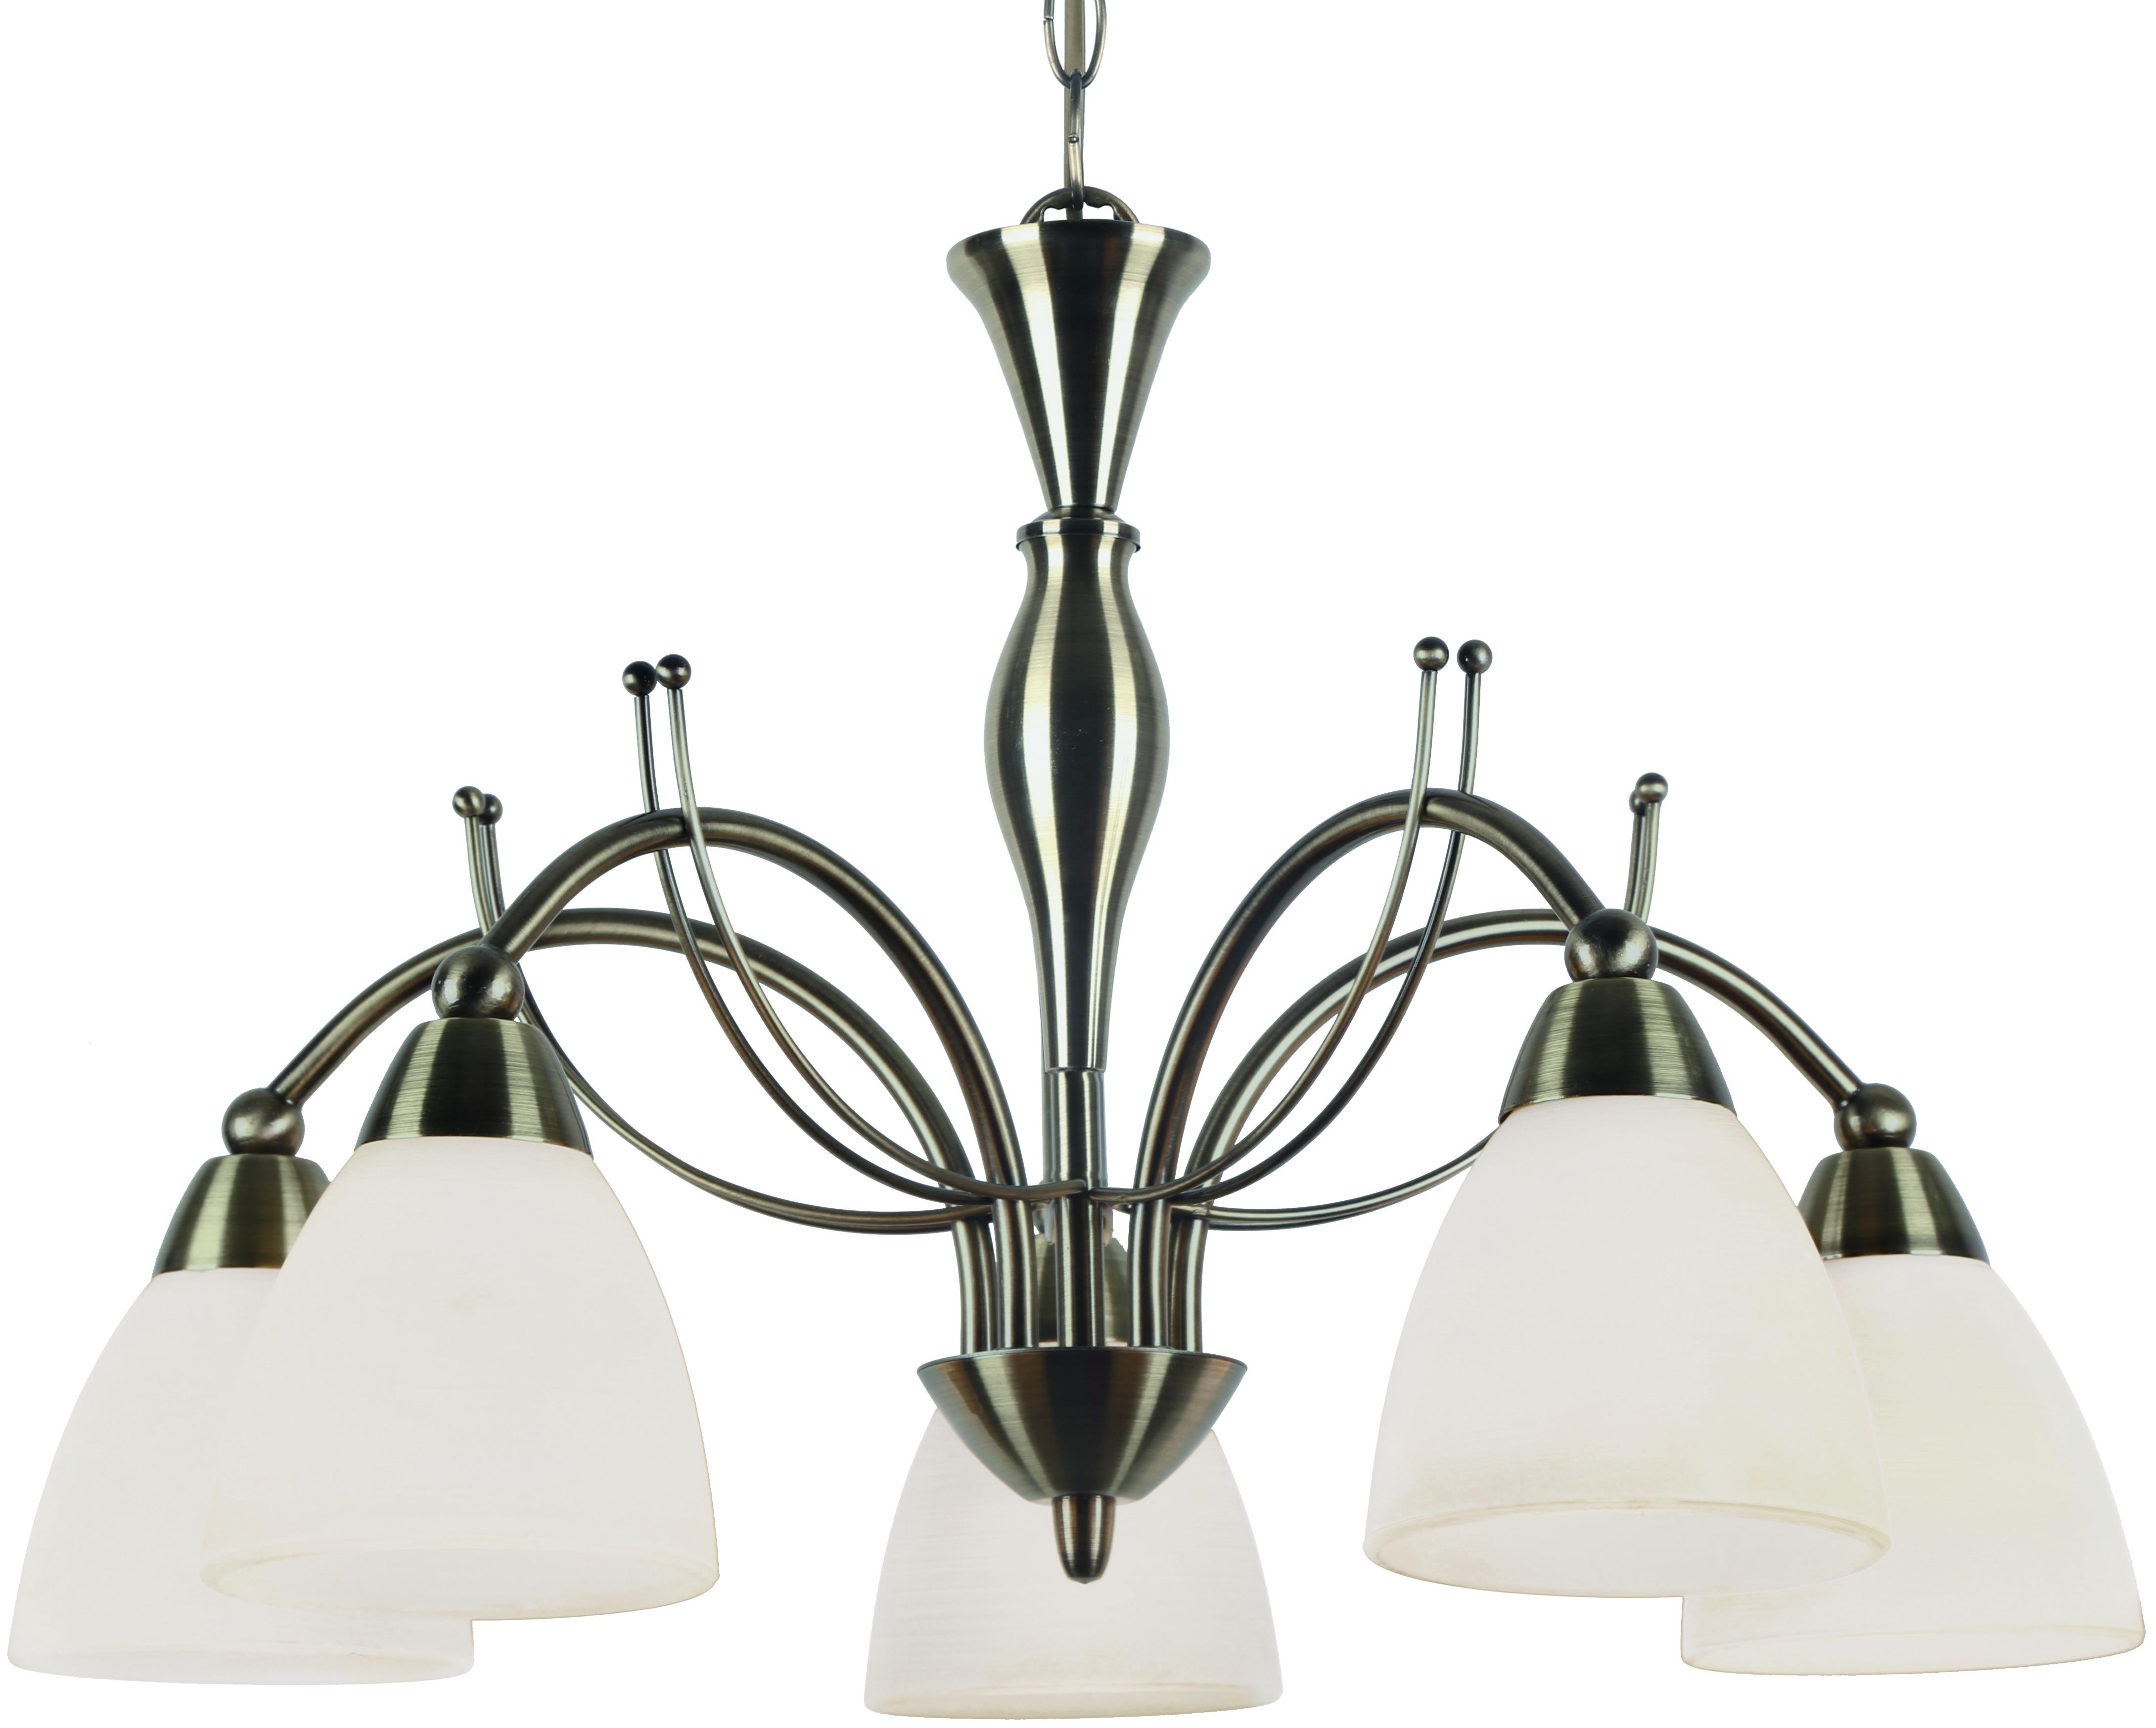 Люстра Arte lamp A8612lm-5ab arte lamp люстра arte lamp a7556pl 5ab